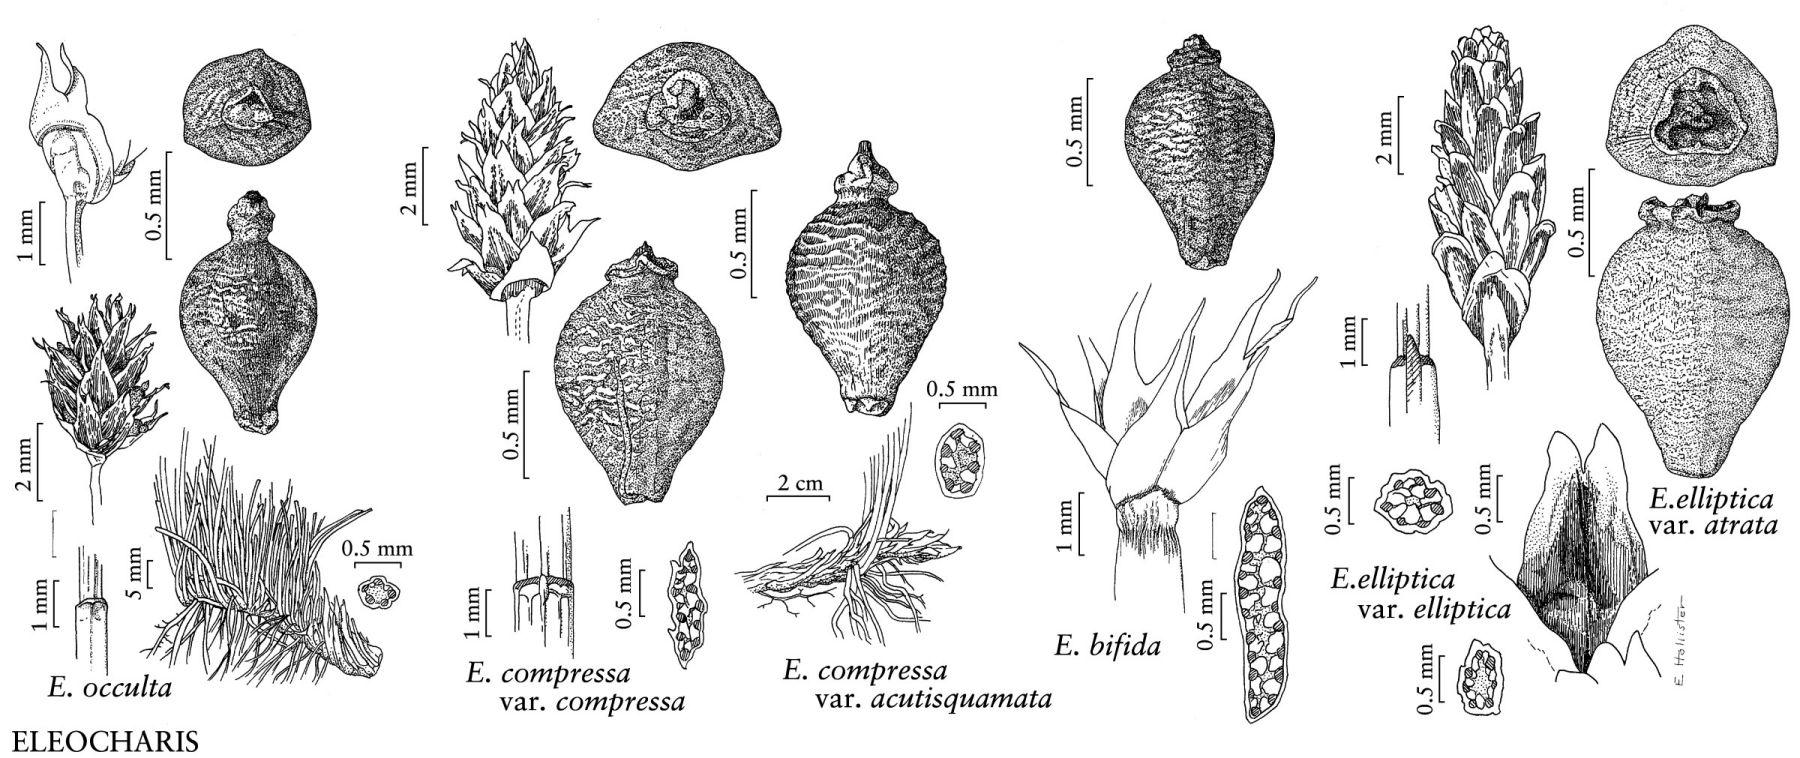 Eleocharis Elliptica Taxon Eleocharis elliptica